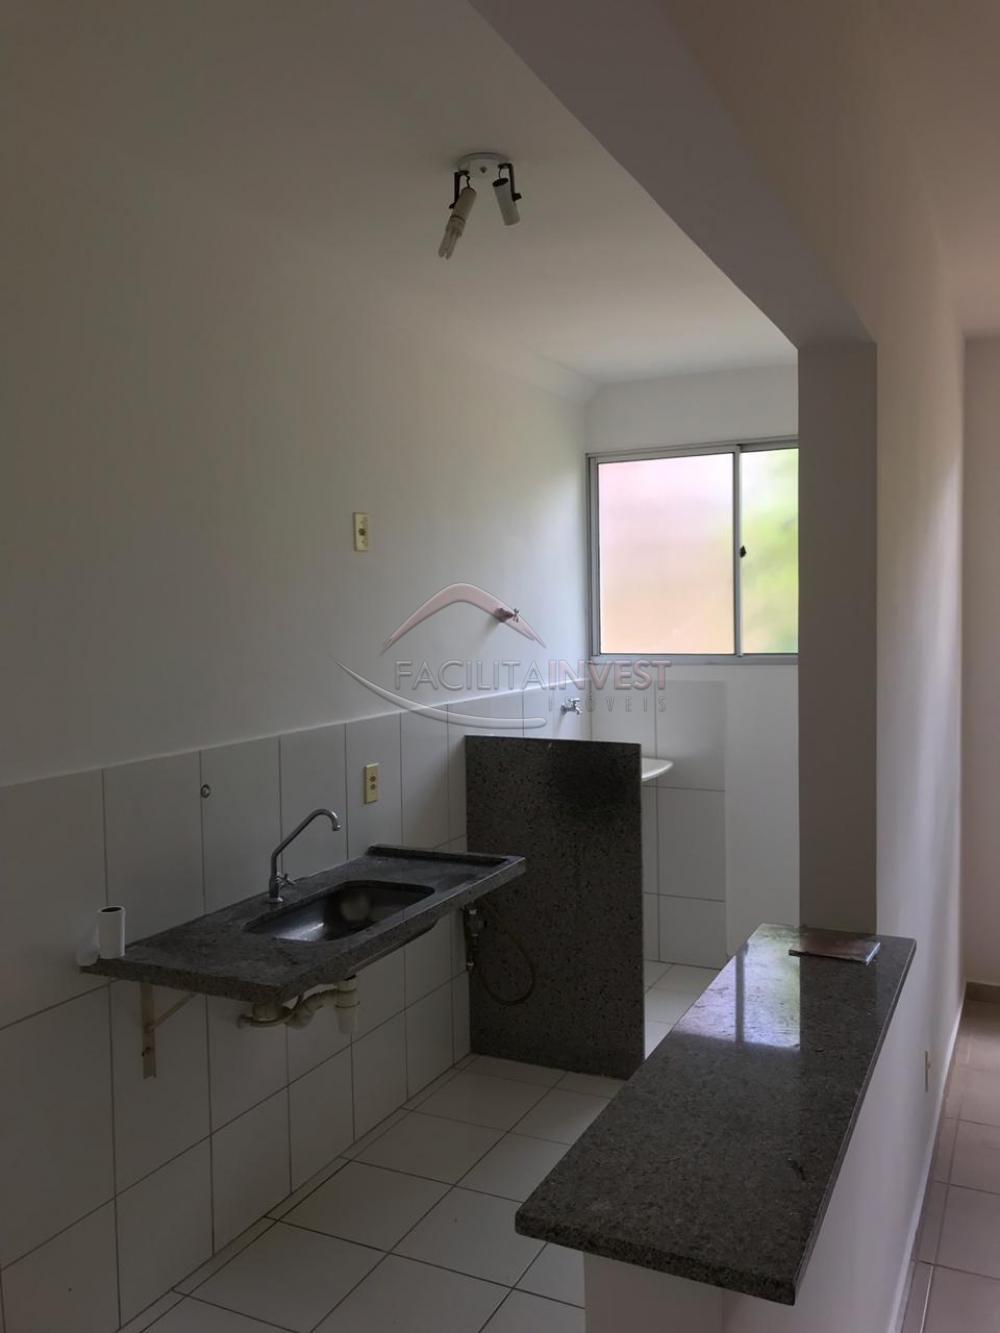 Alugar Apartamentos / Apart. Padrão em Ribeirão Preto apenas R$ 1.000,00 - Foto 10